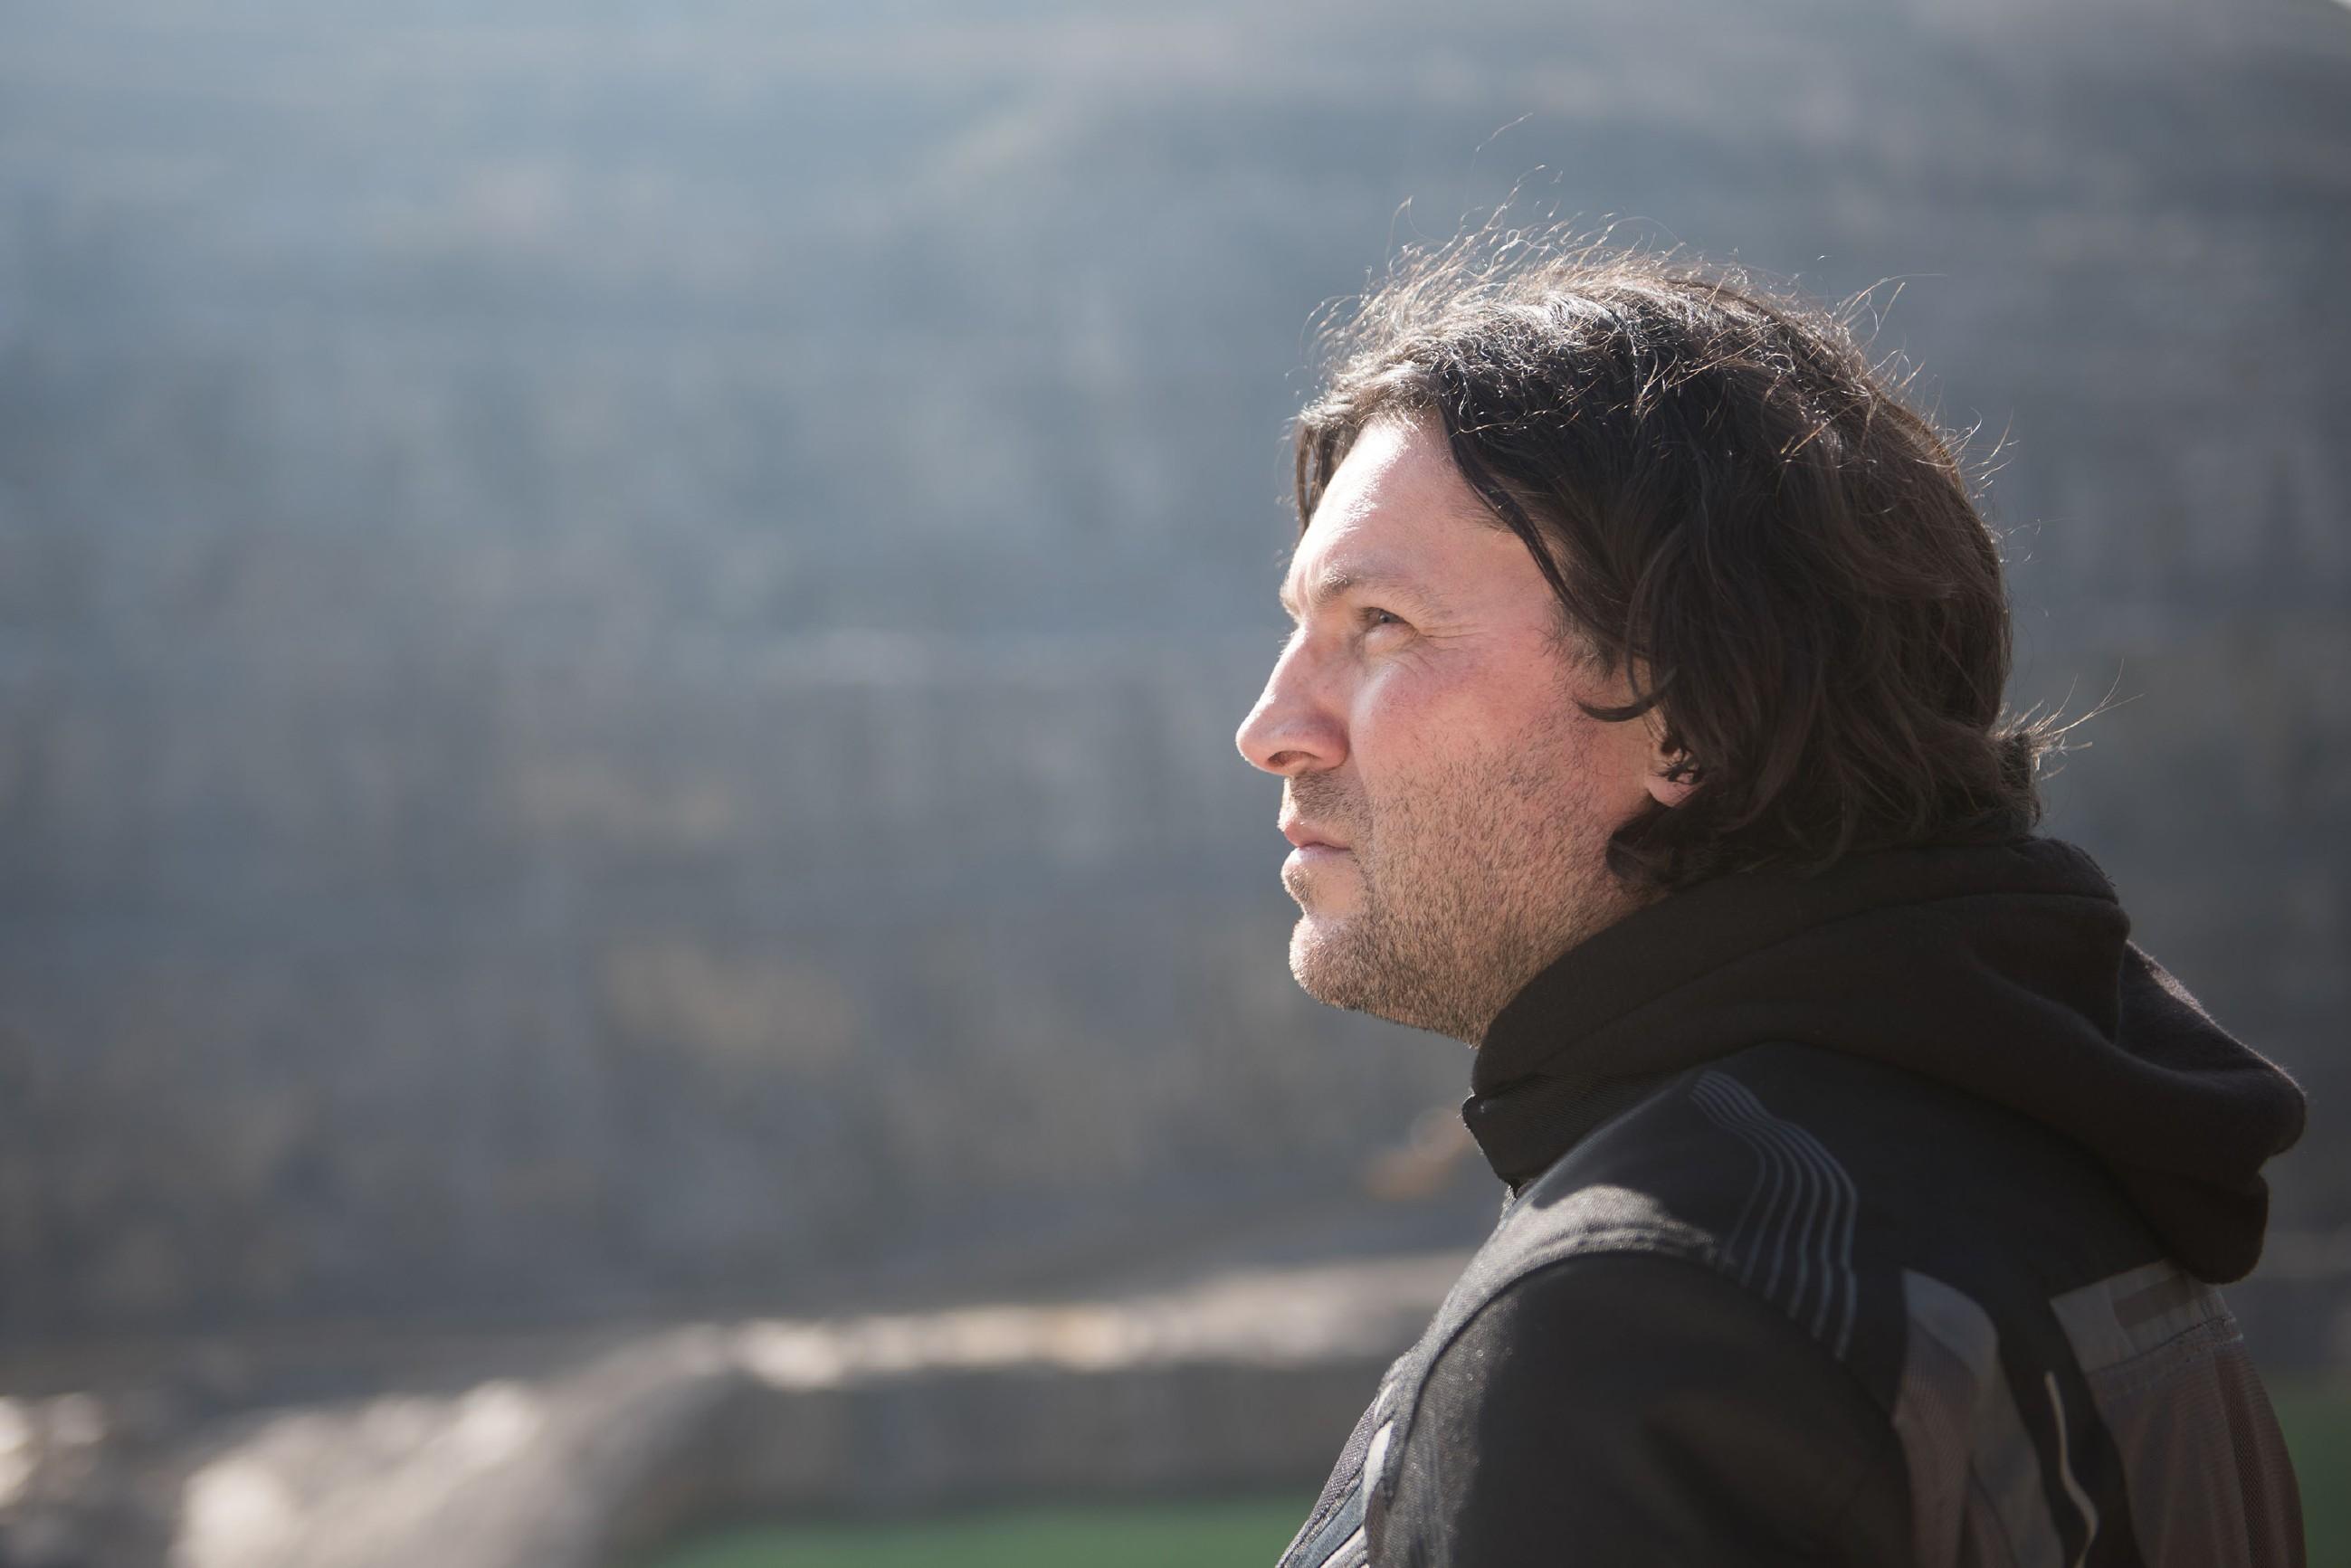 In einer einsamen Umgebung will Rolf (Stefan Franz) seinem Leben ein Ende setzen... (Quelle: RTL / Stefan Behrens)